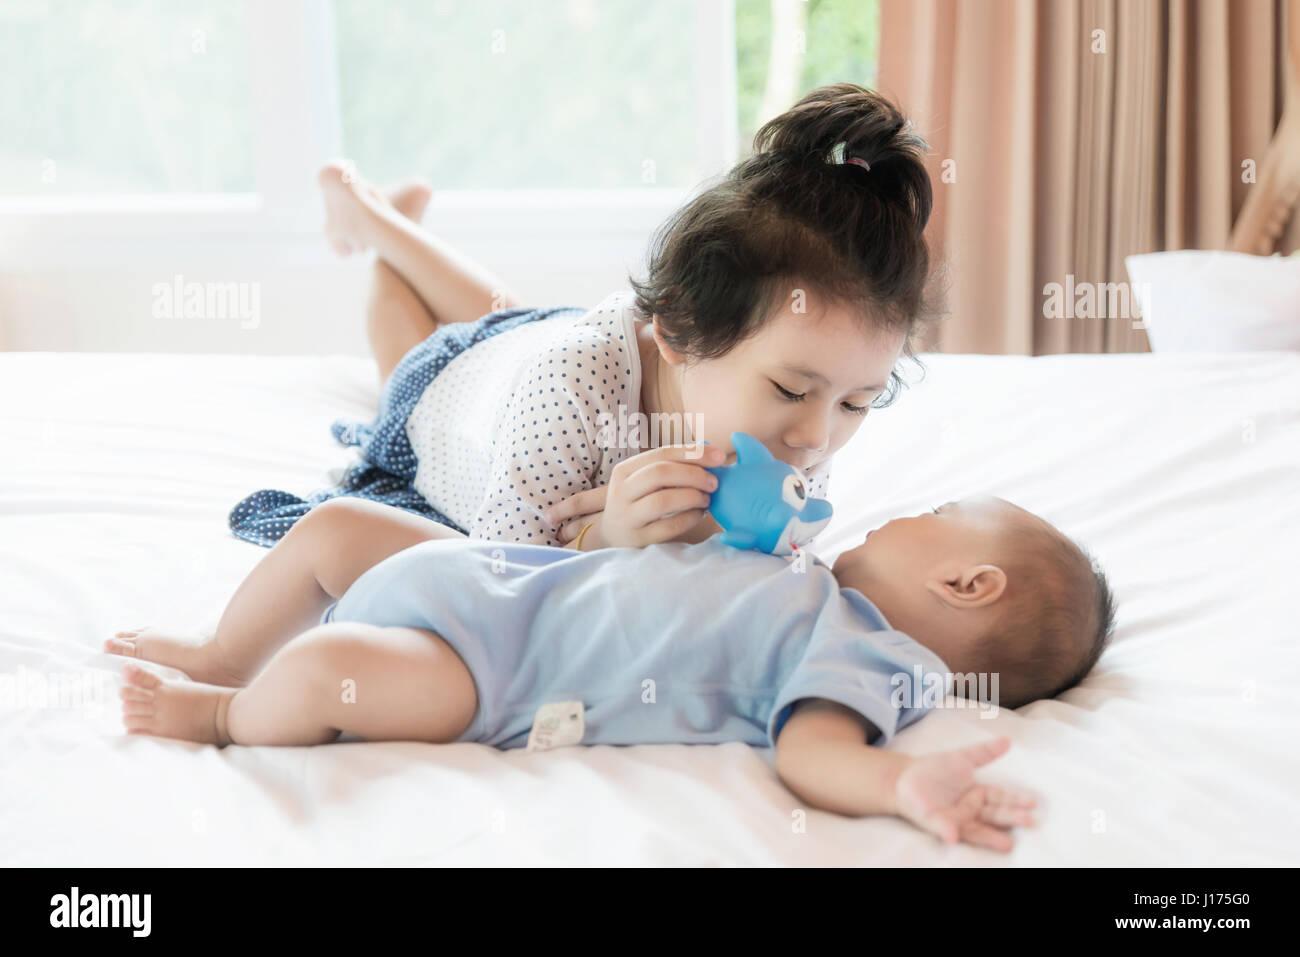 Bebé asiático hermano y hermana niño jugando peces doll en el dormitorio. Familia Feliz. Imagen De Stock